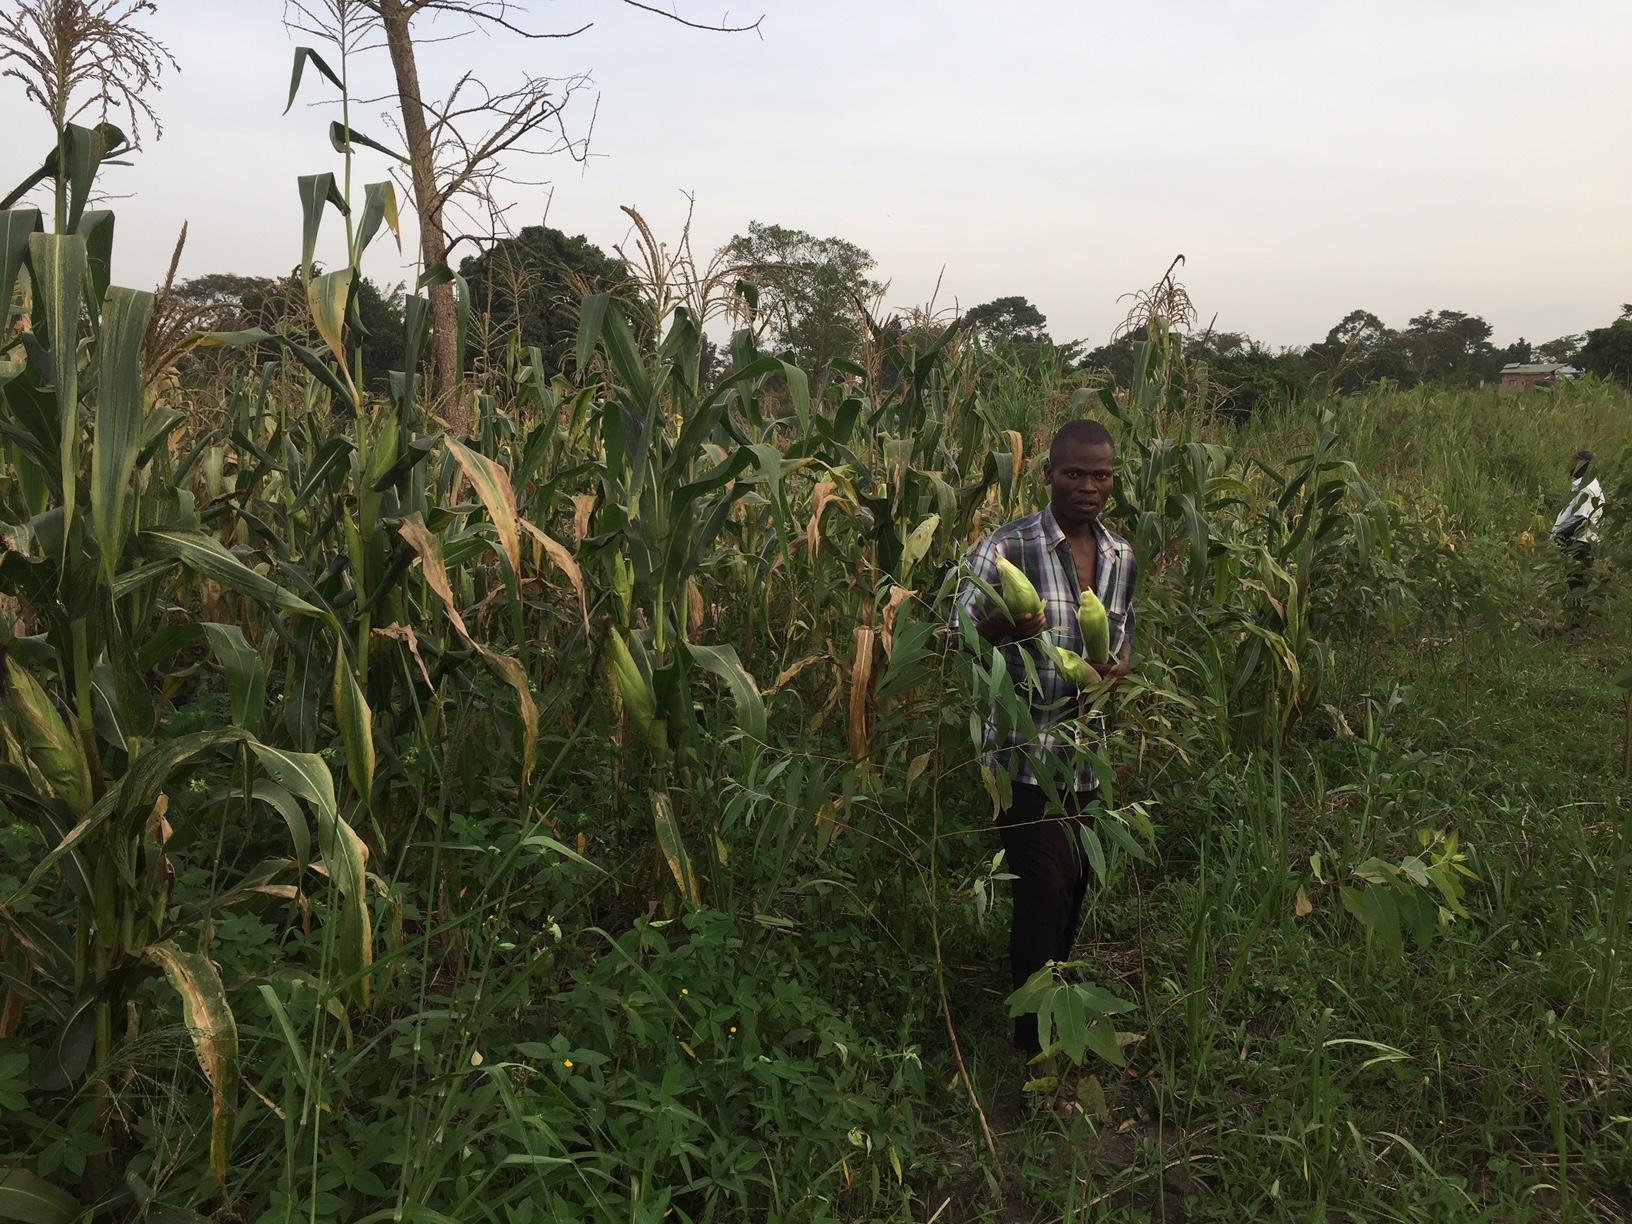 Farmer in Uganda